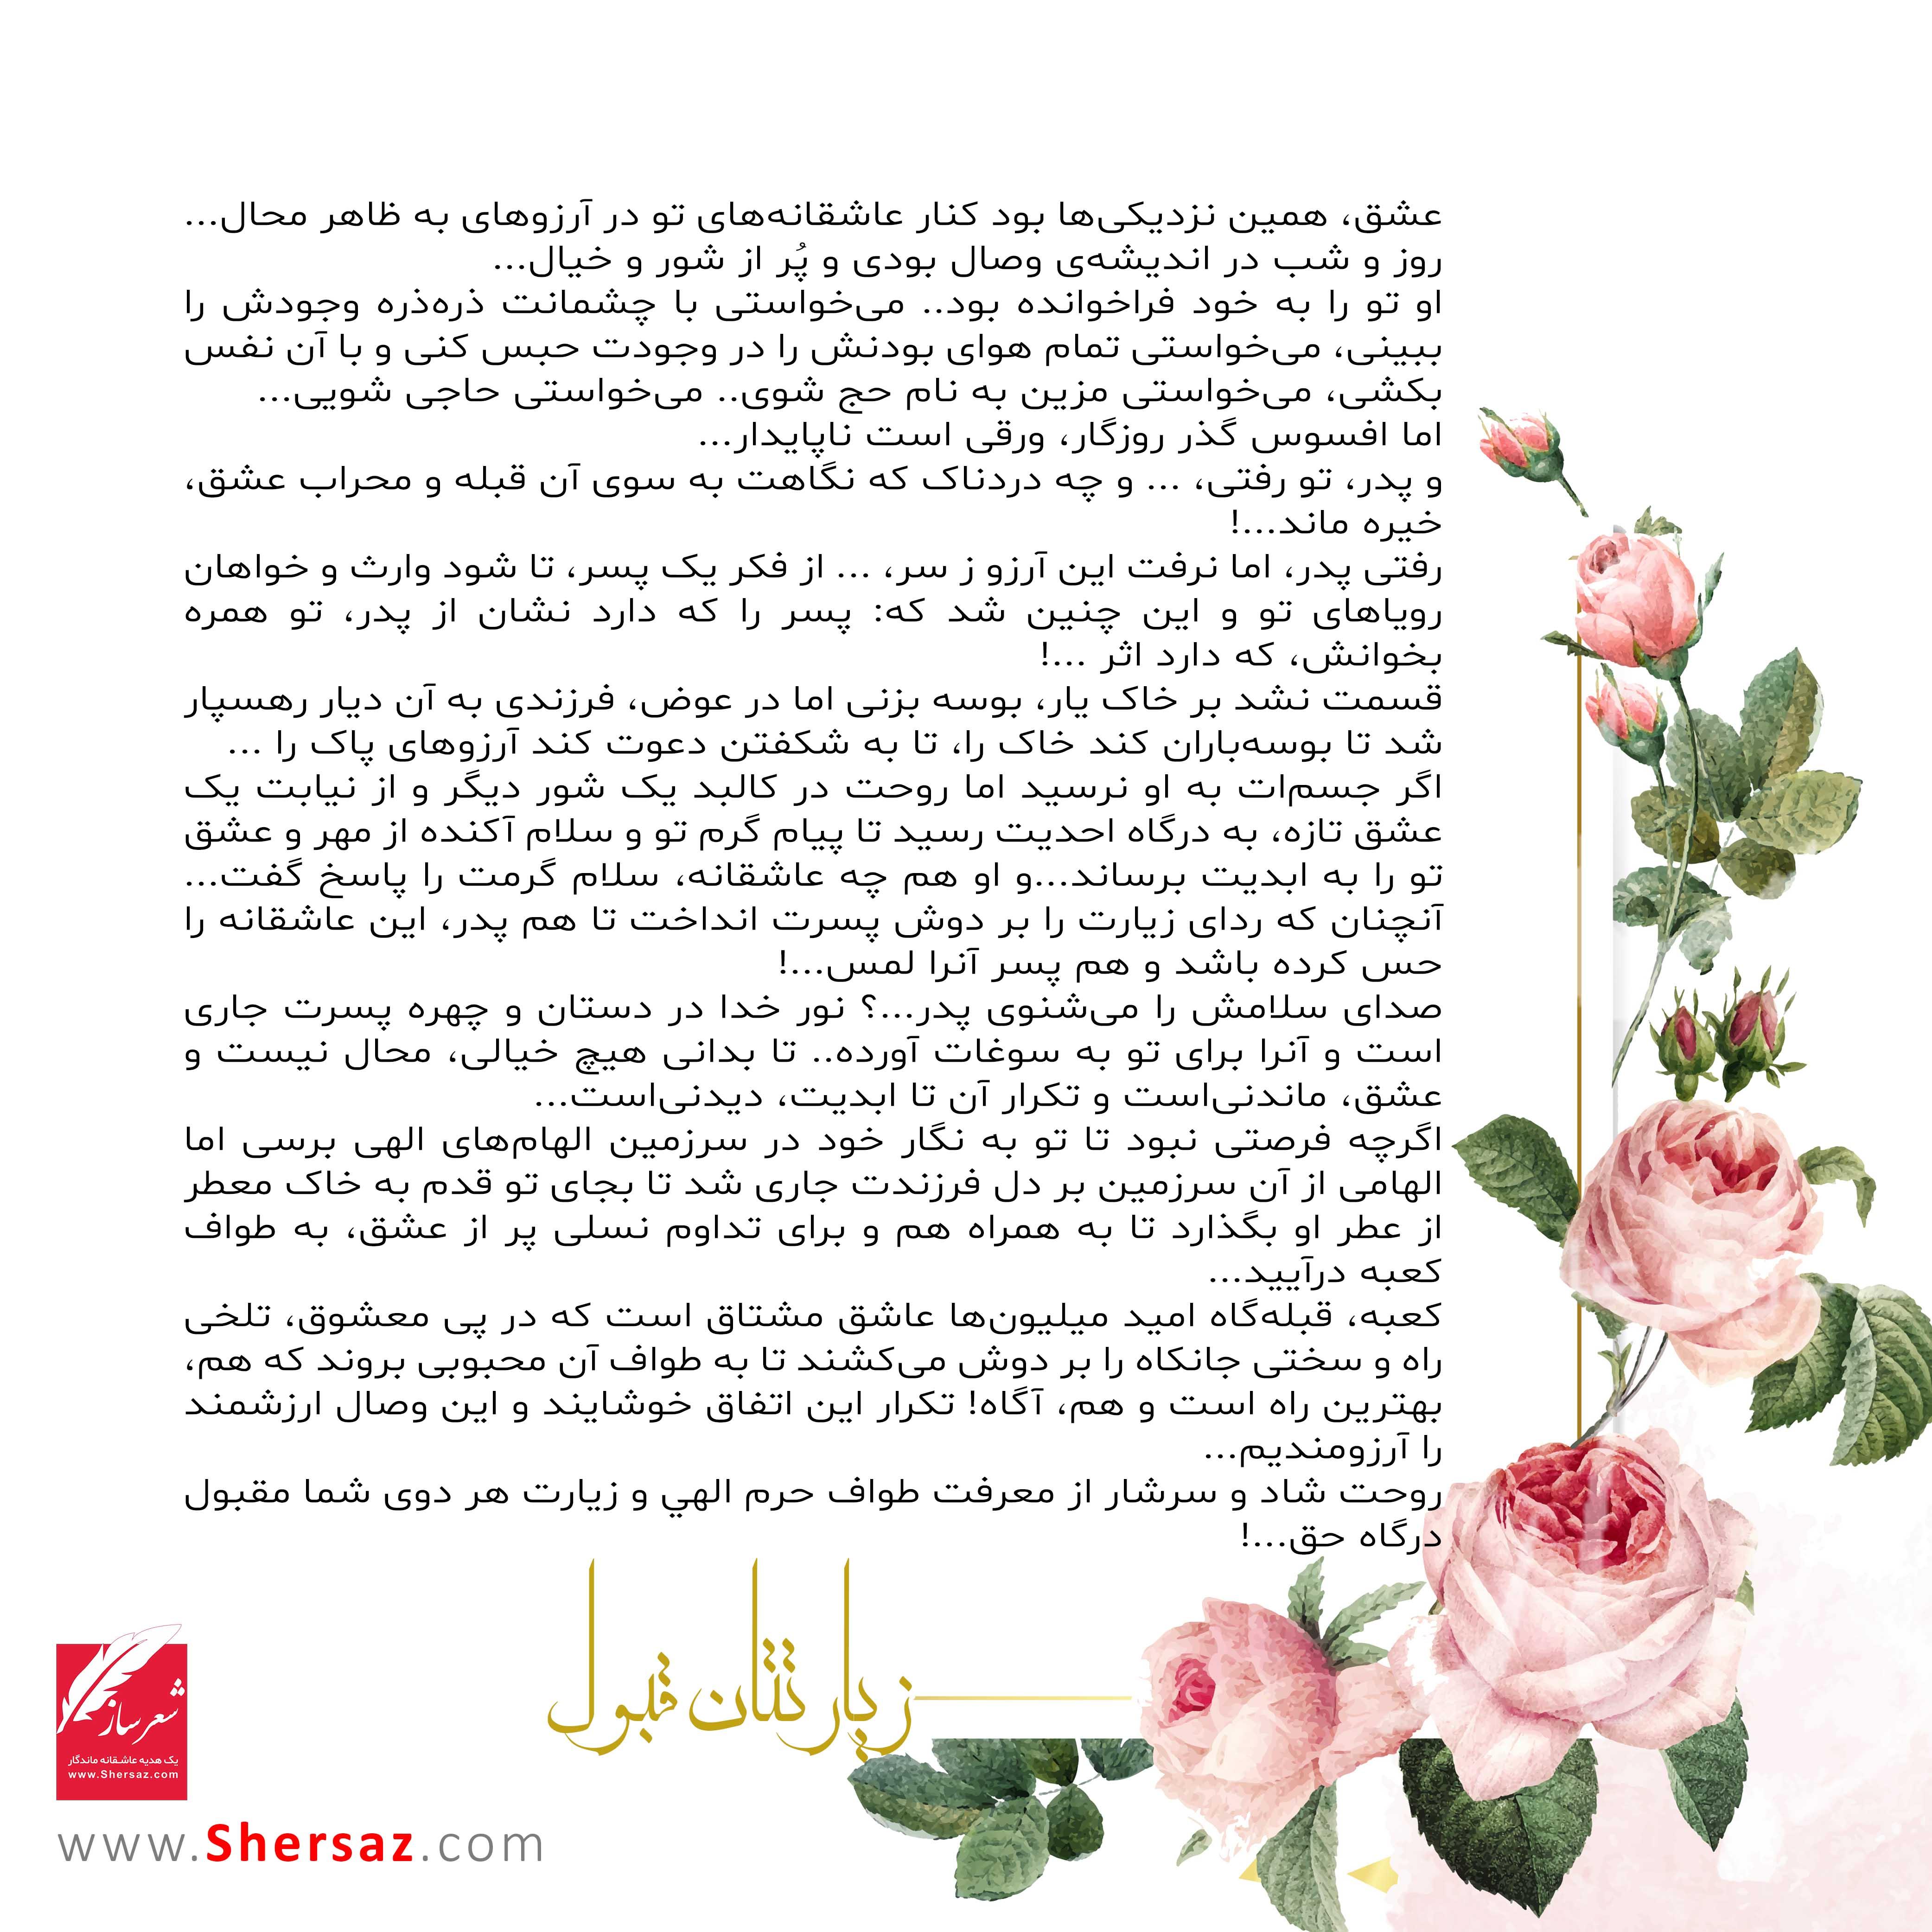 متن پیام تبریک طواف کعبه و حج